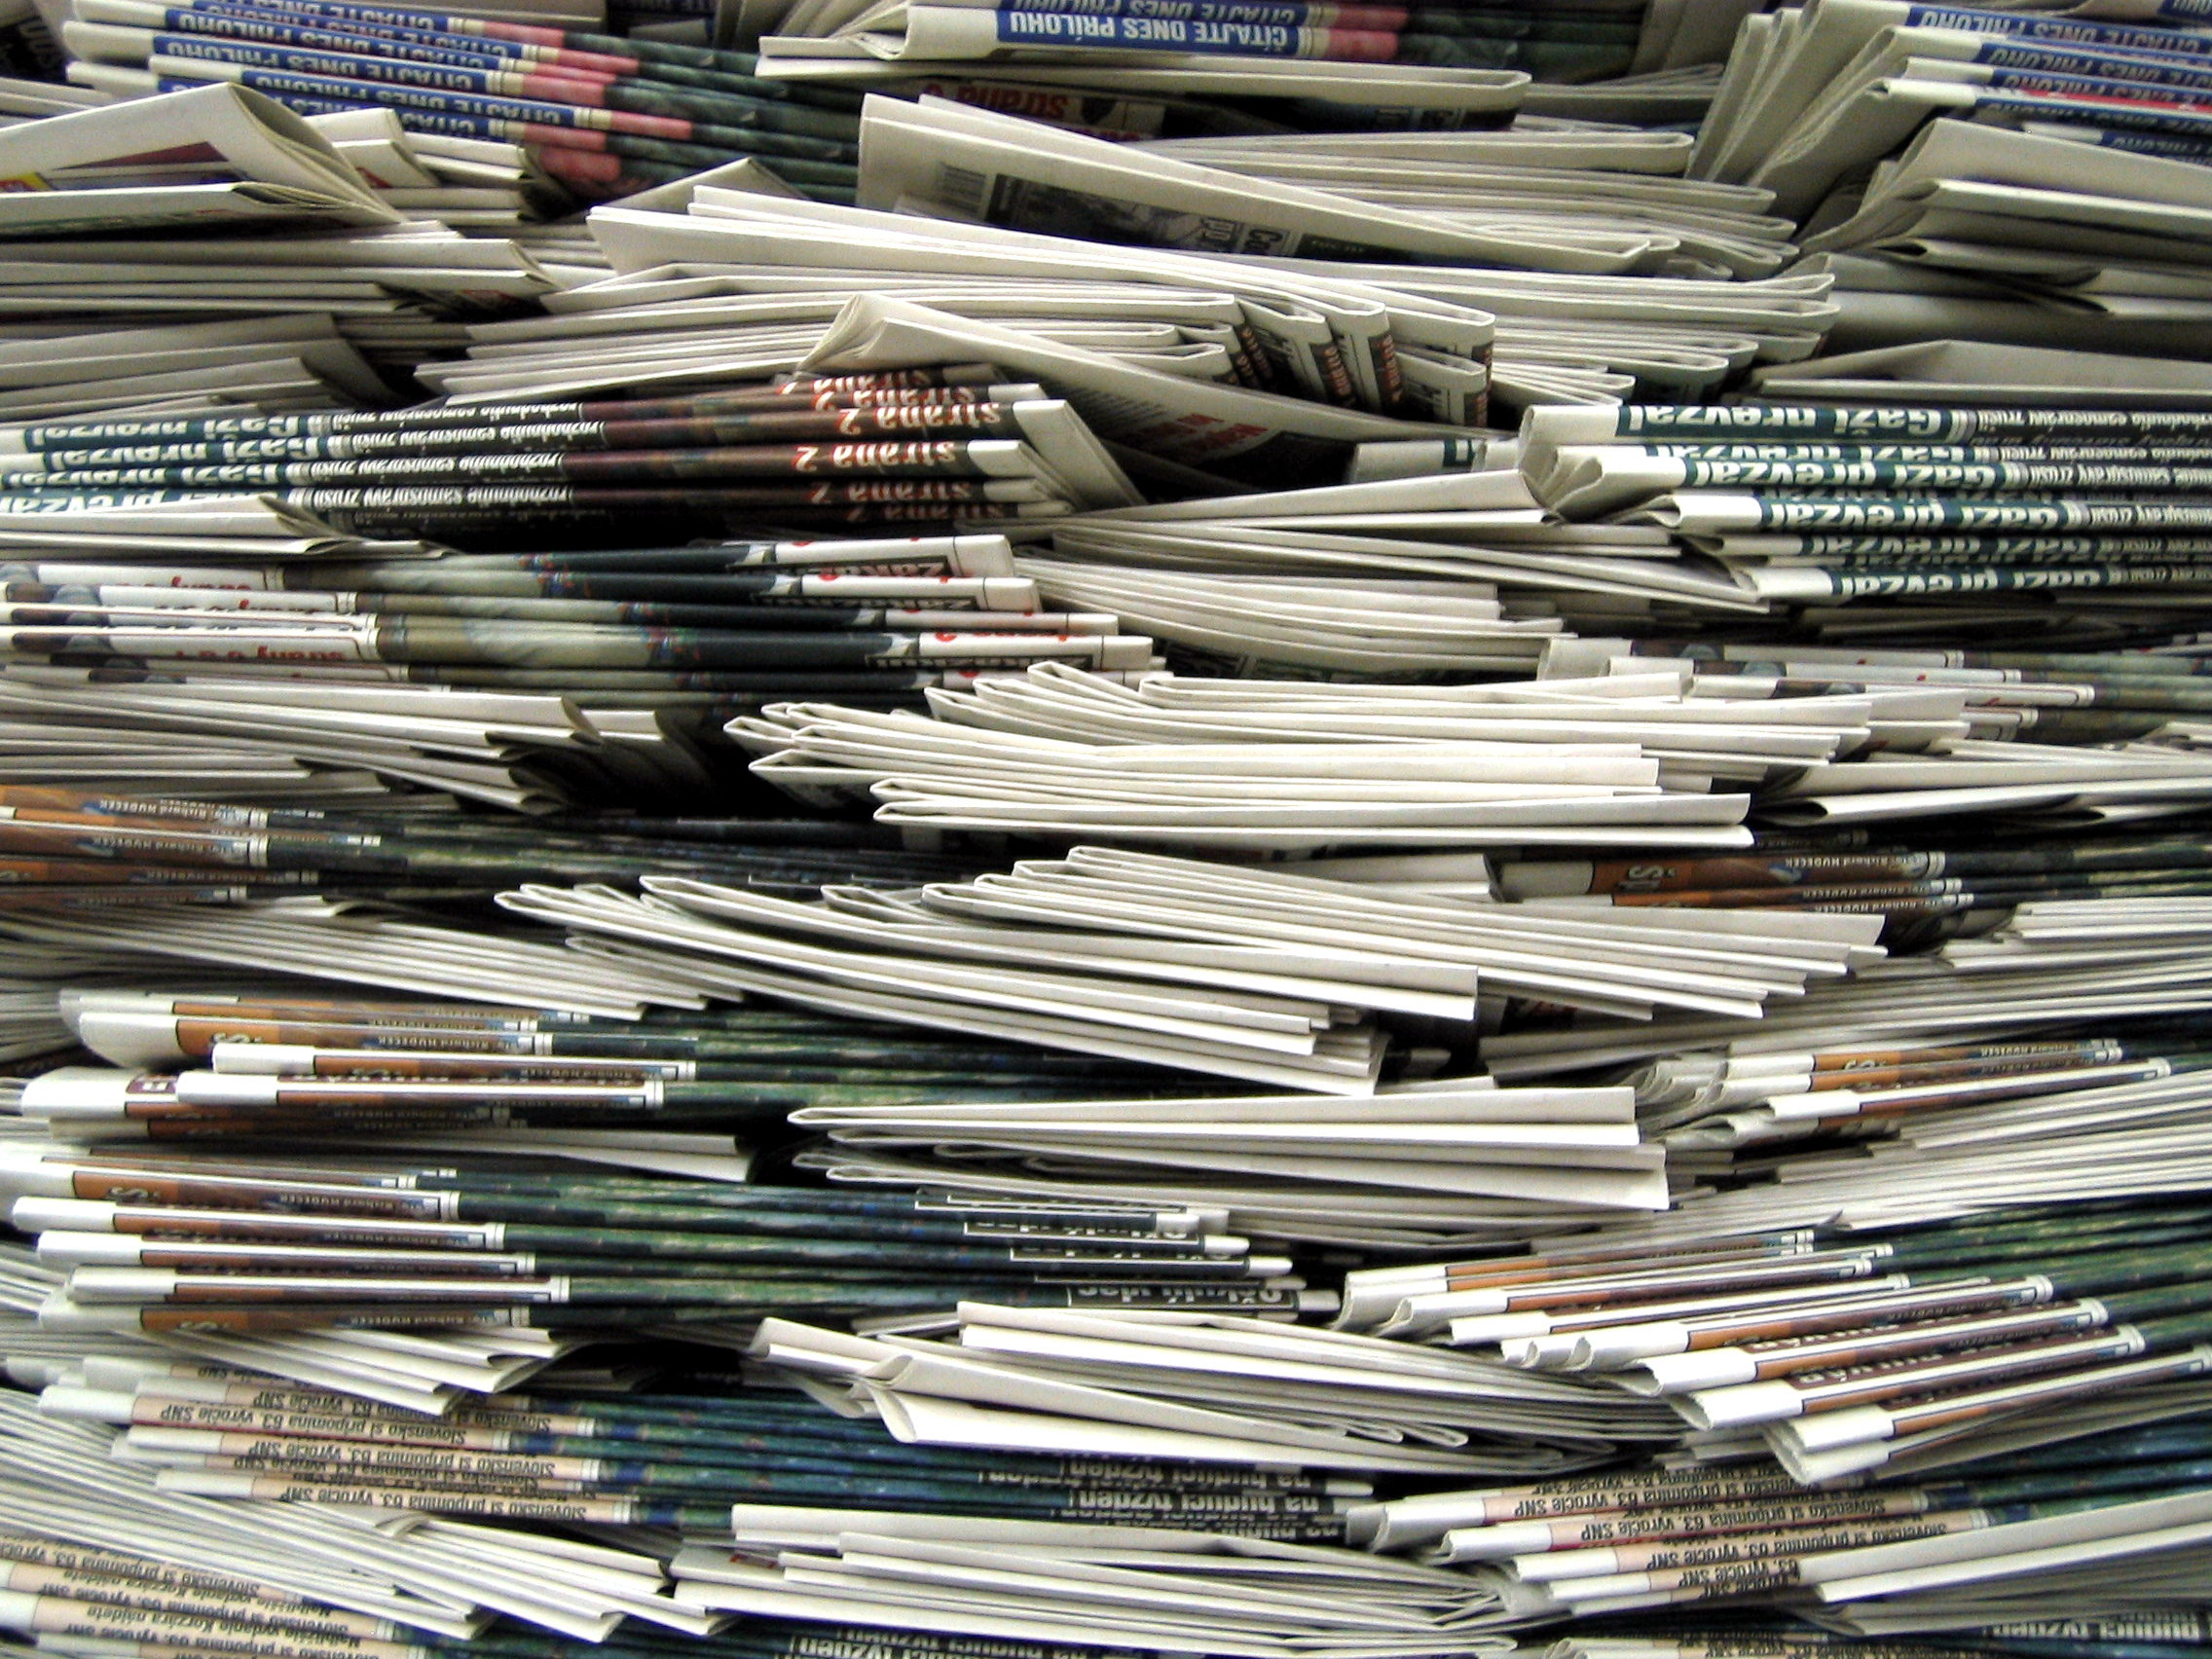 Giornali in agonia, un milione di lettori in meno nel 2012